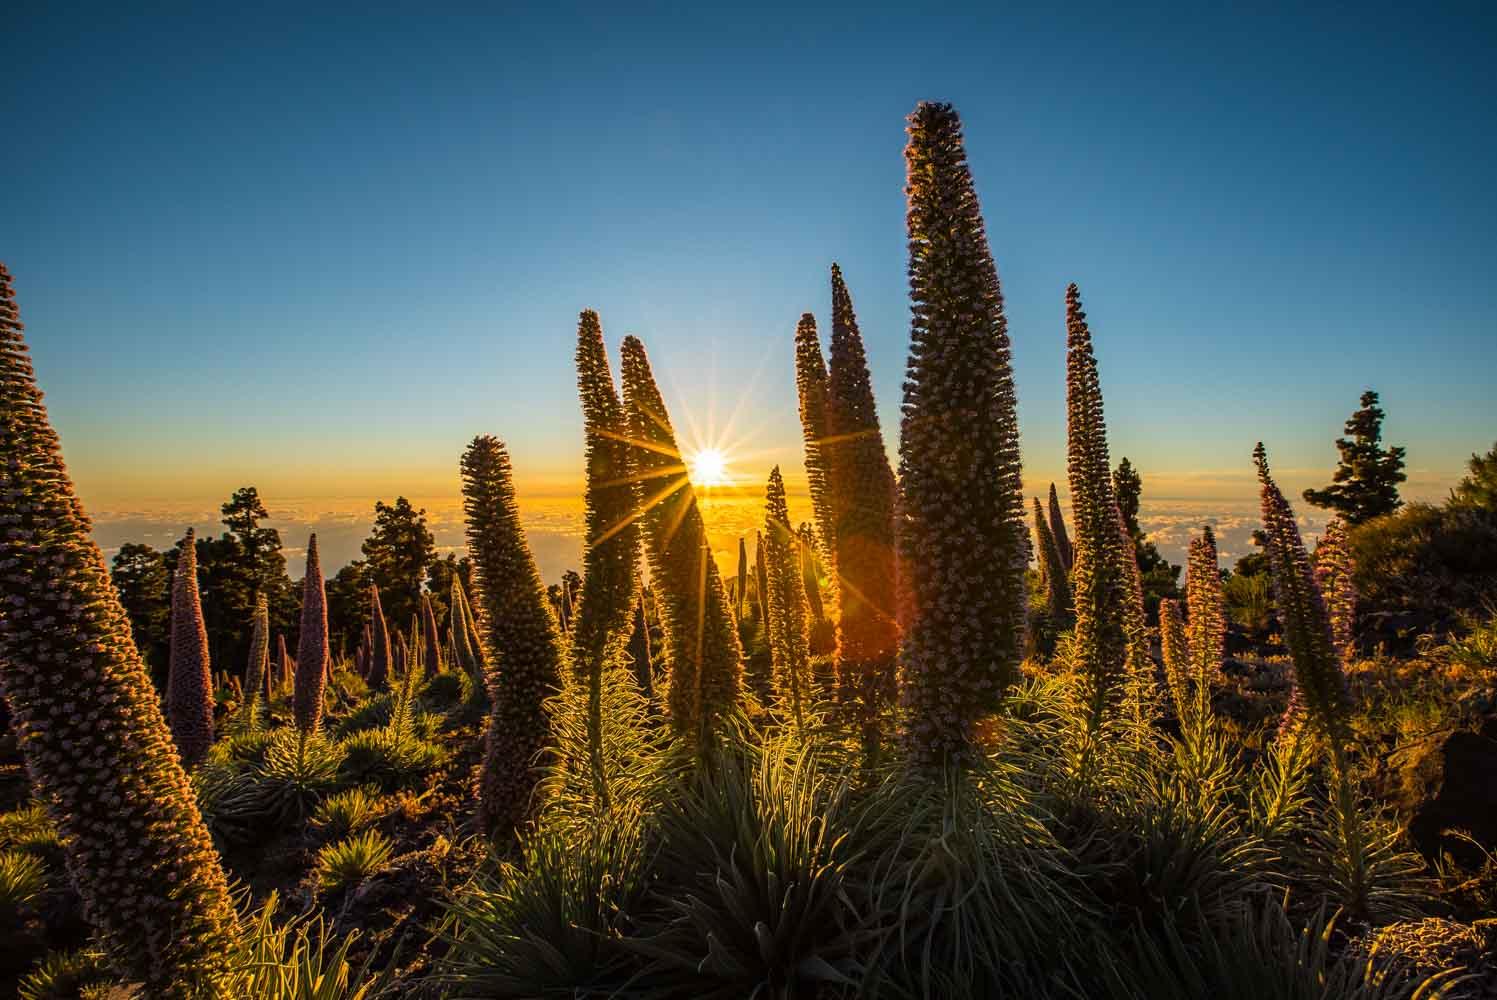 La Palma, guía de viaje por una de las islas más bonitas de Canarias